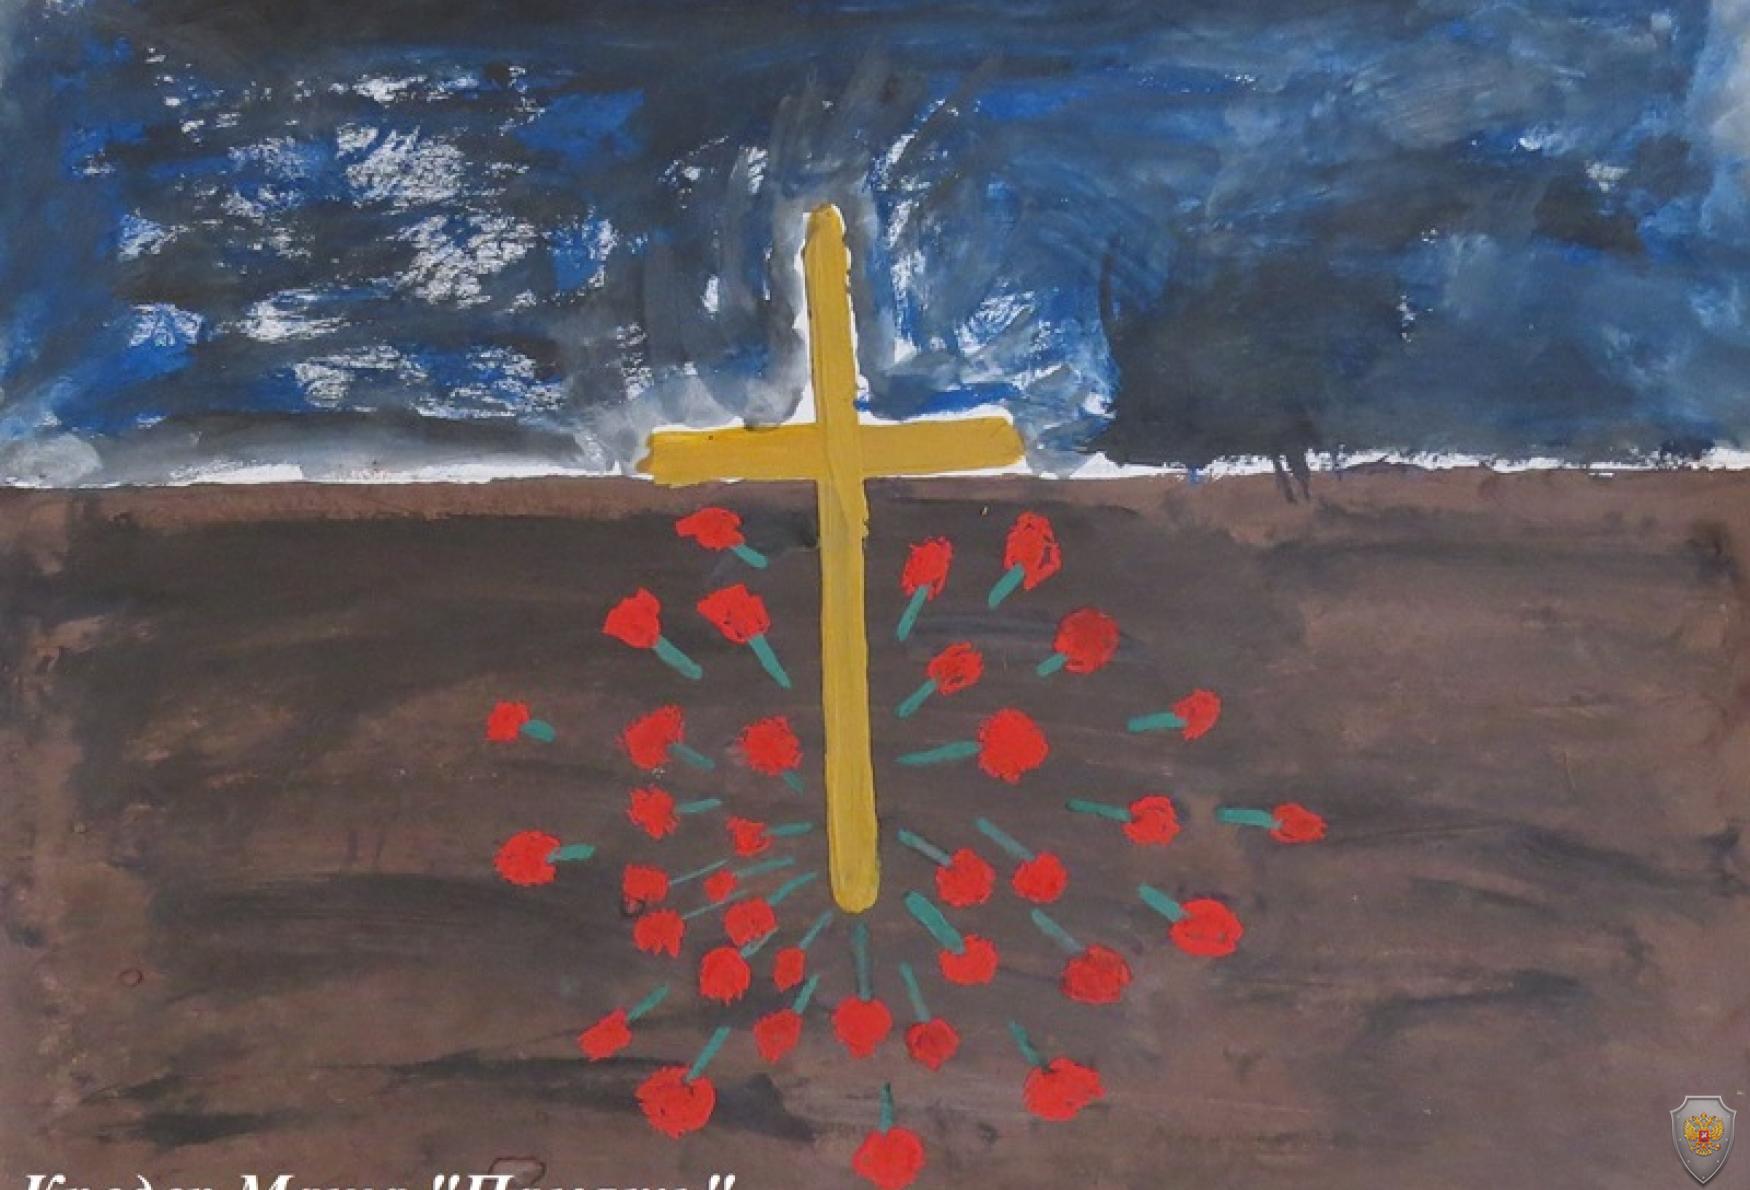 Выставка детского рисунка «Терроризм глазами детей». Москва. 8-9 сентября 2014 года